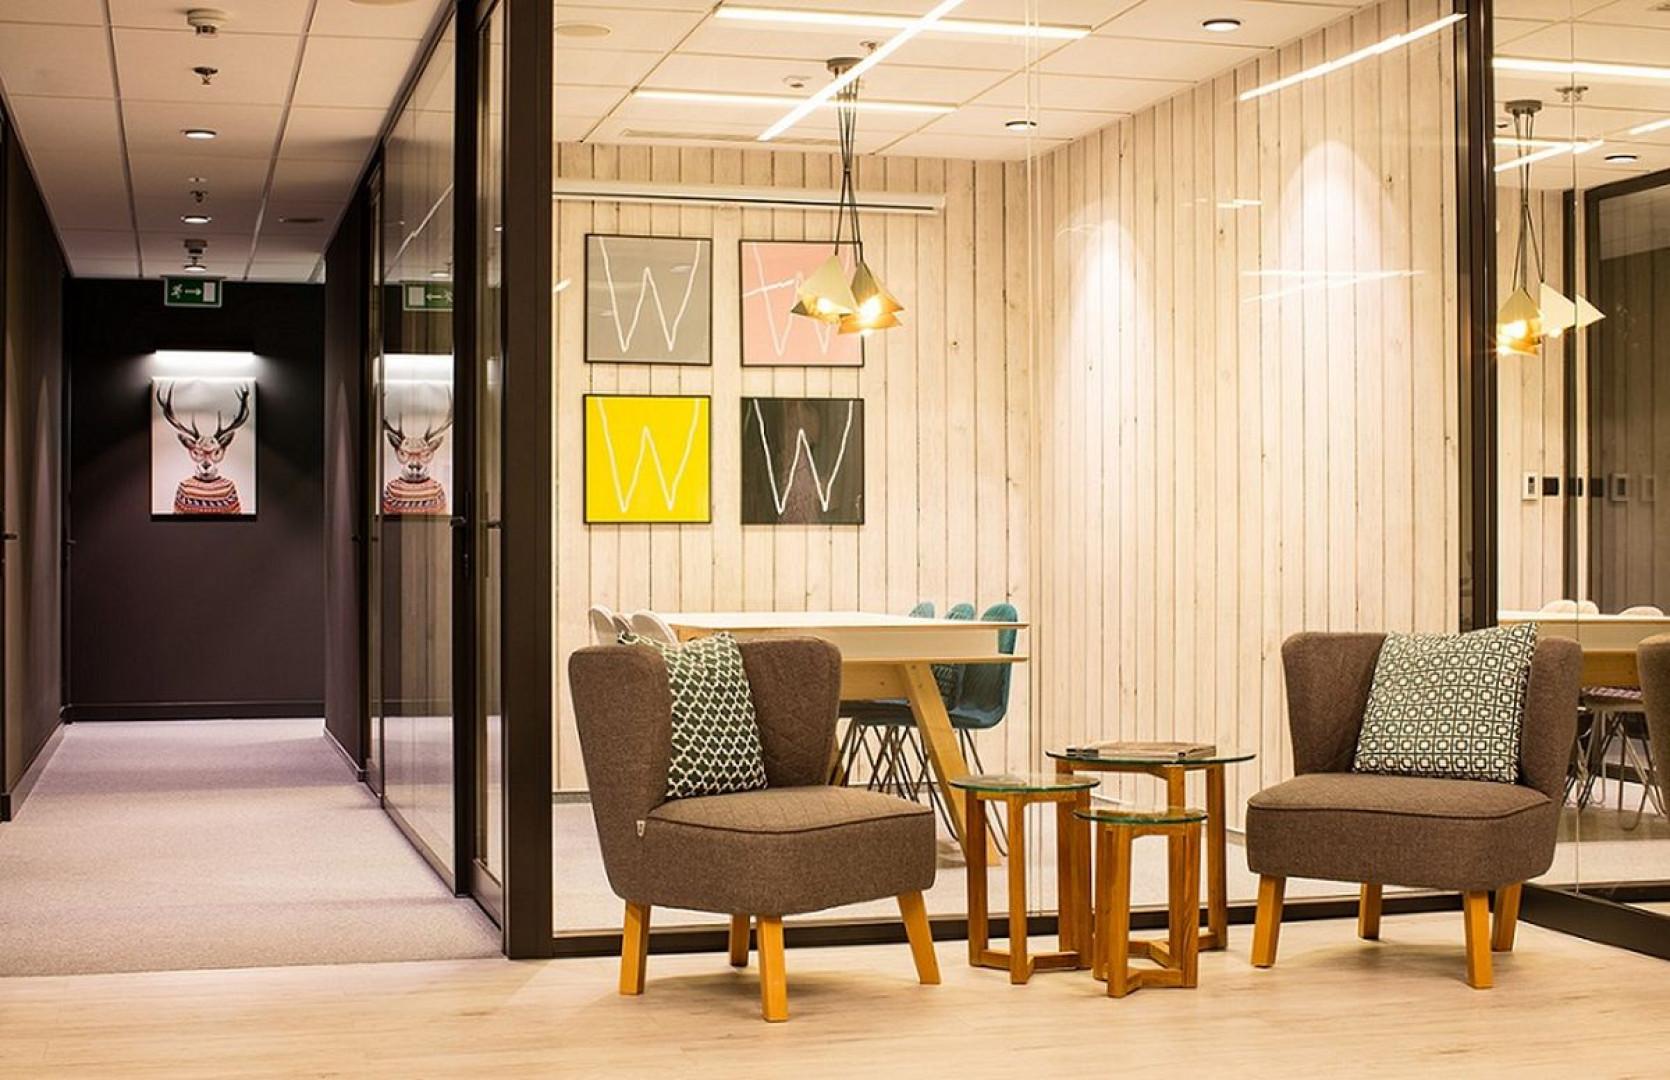 Salki spotkań urządzone są w róznych stylach. Fot. Westwing Home & Living